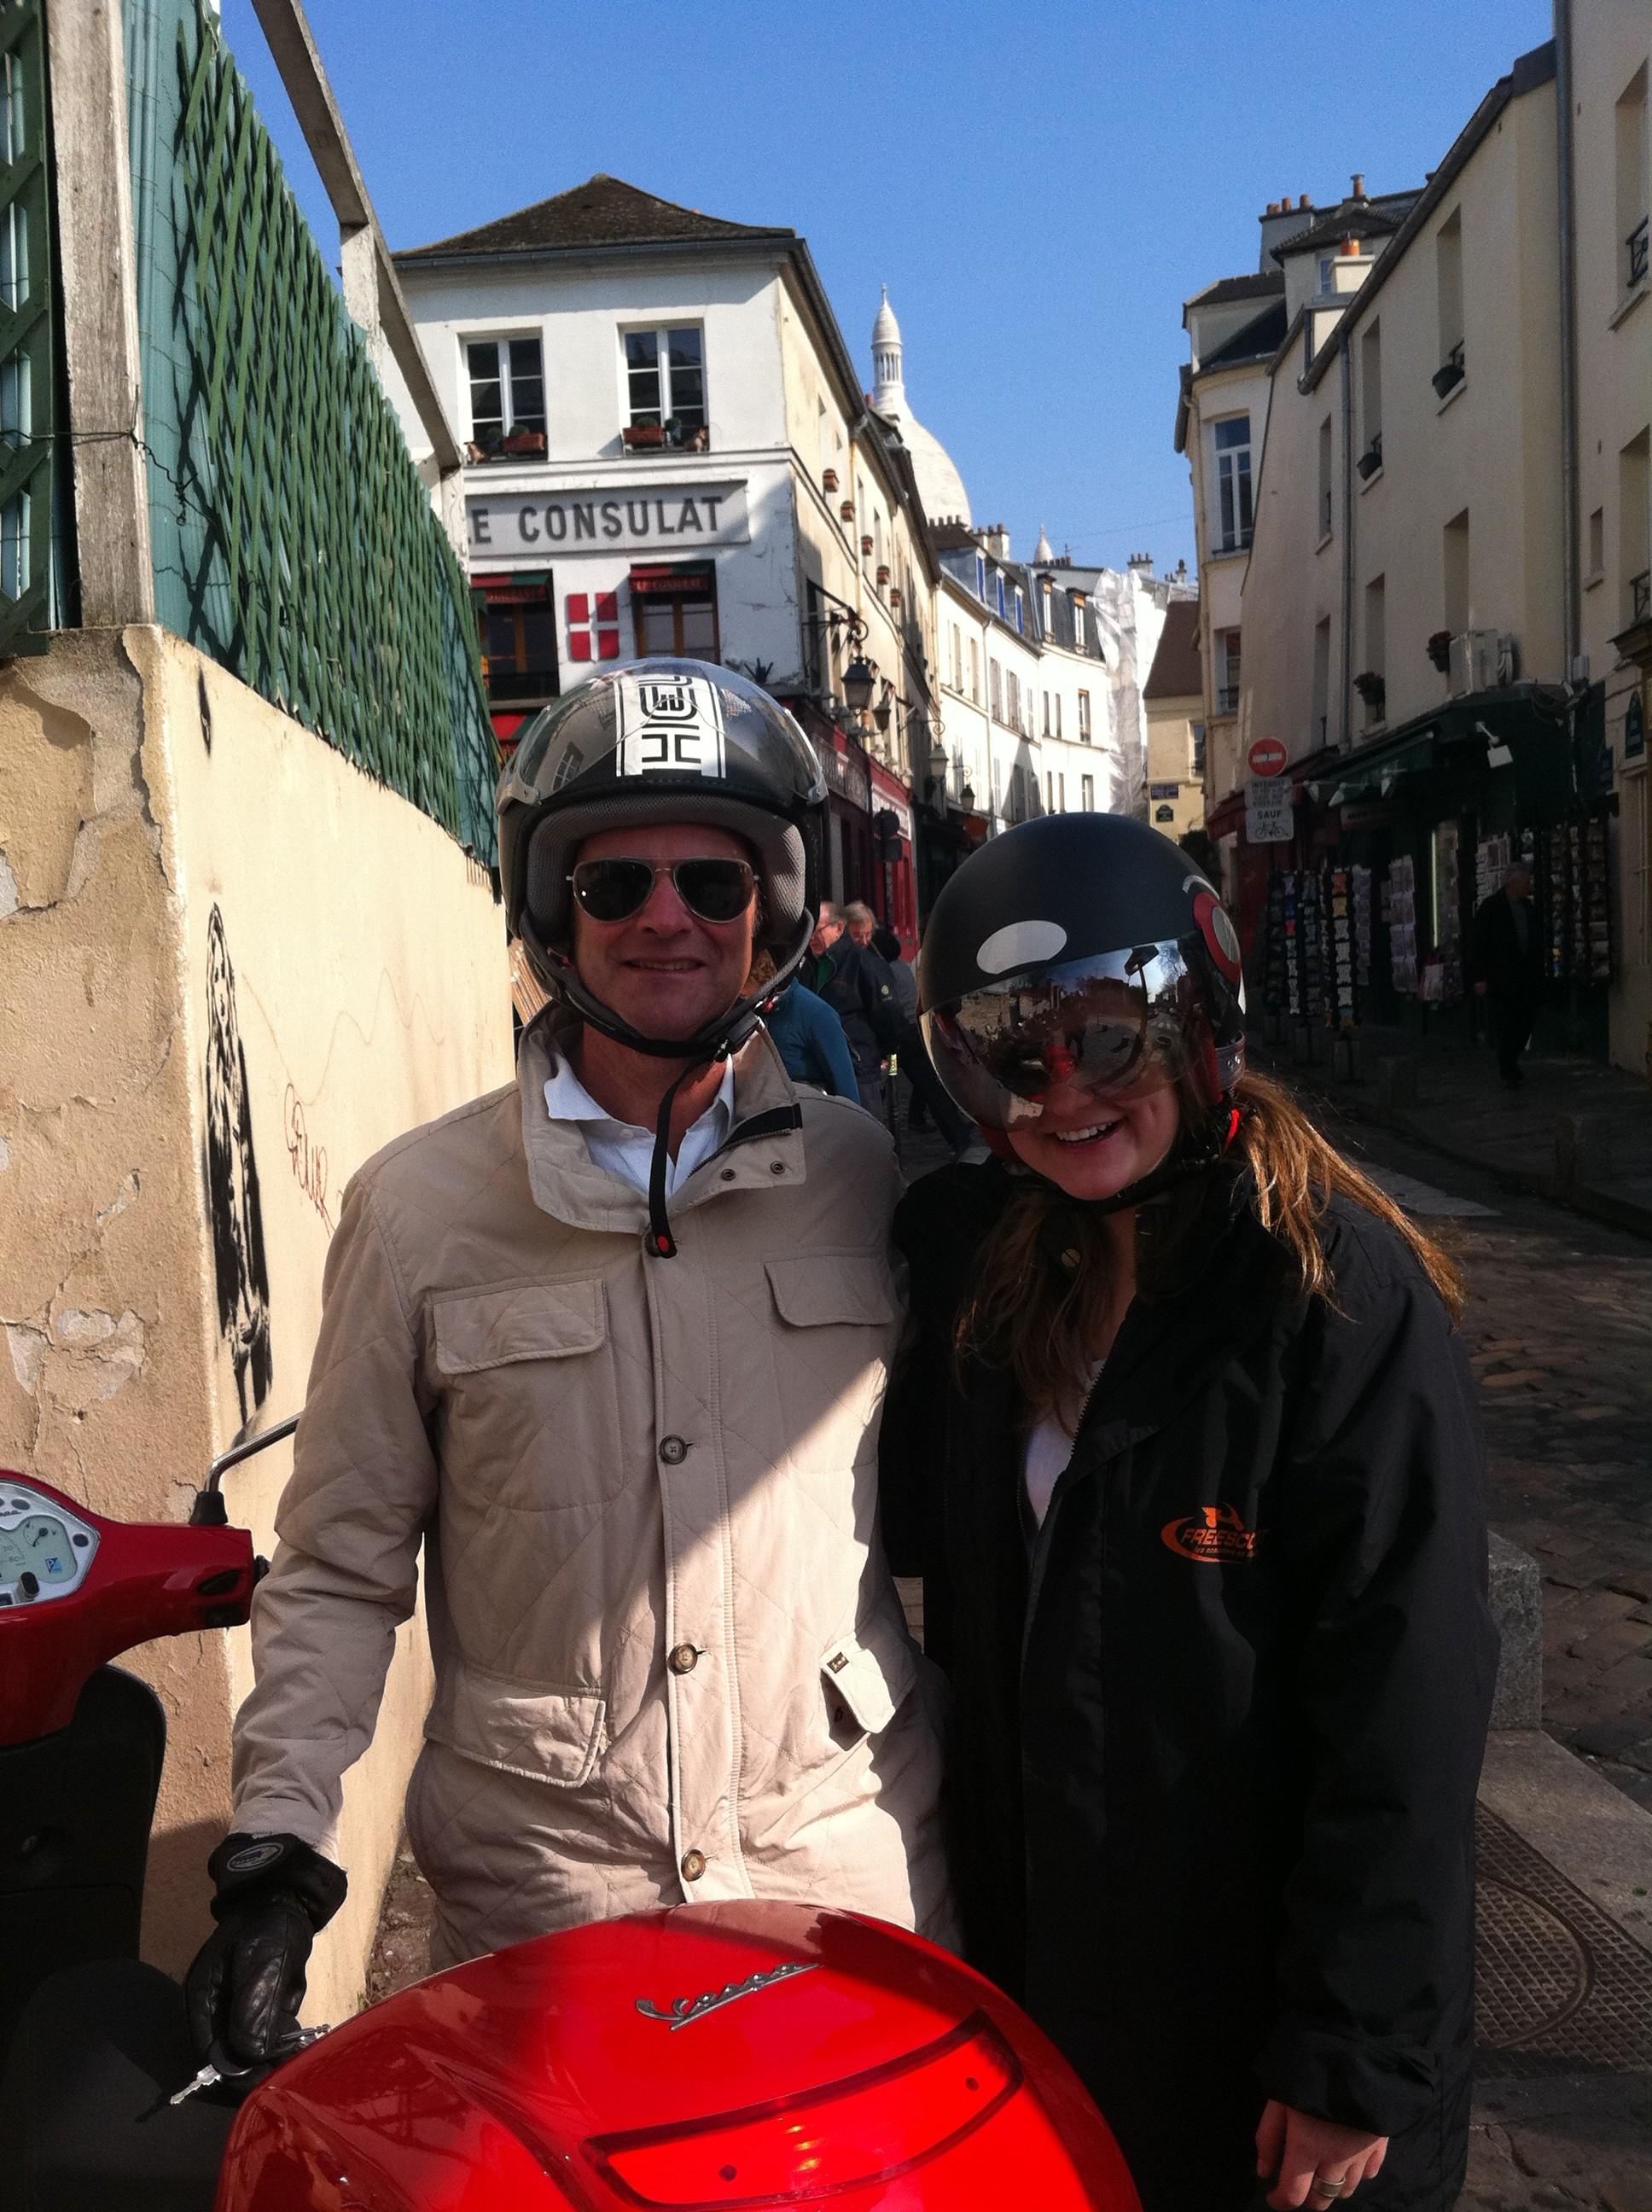 Streets of Montmartre - paris france -